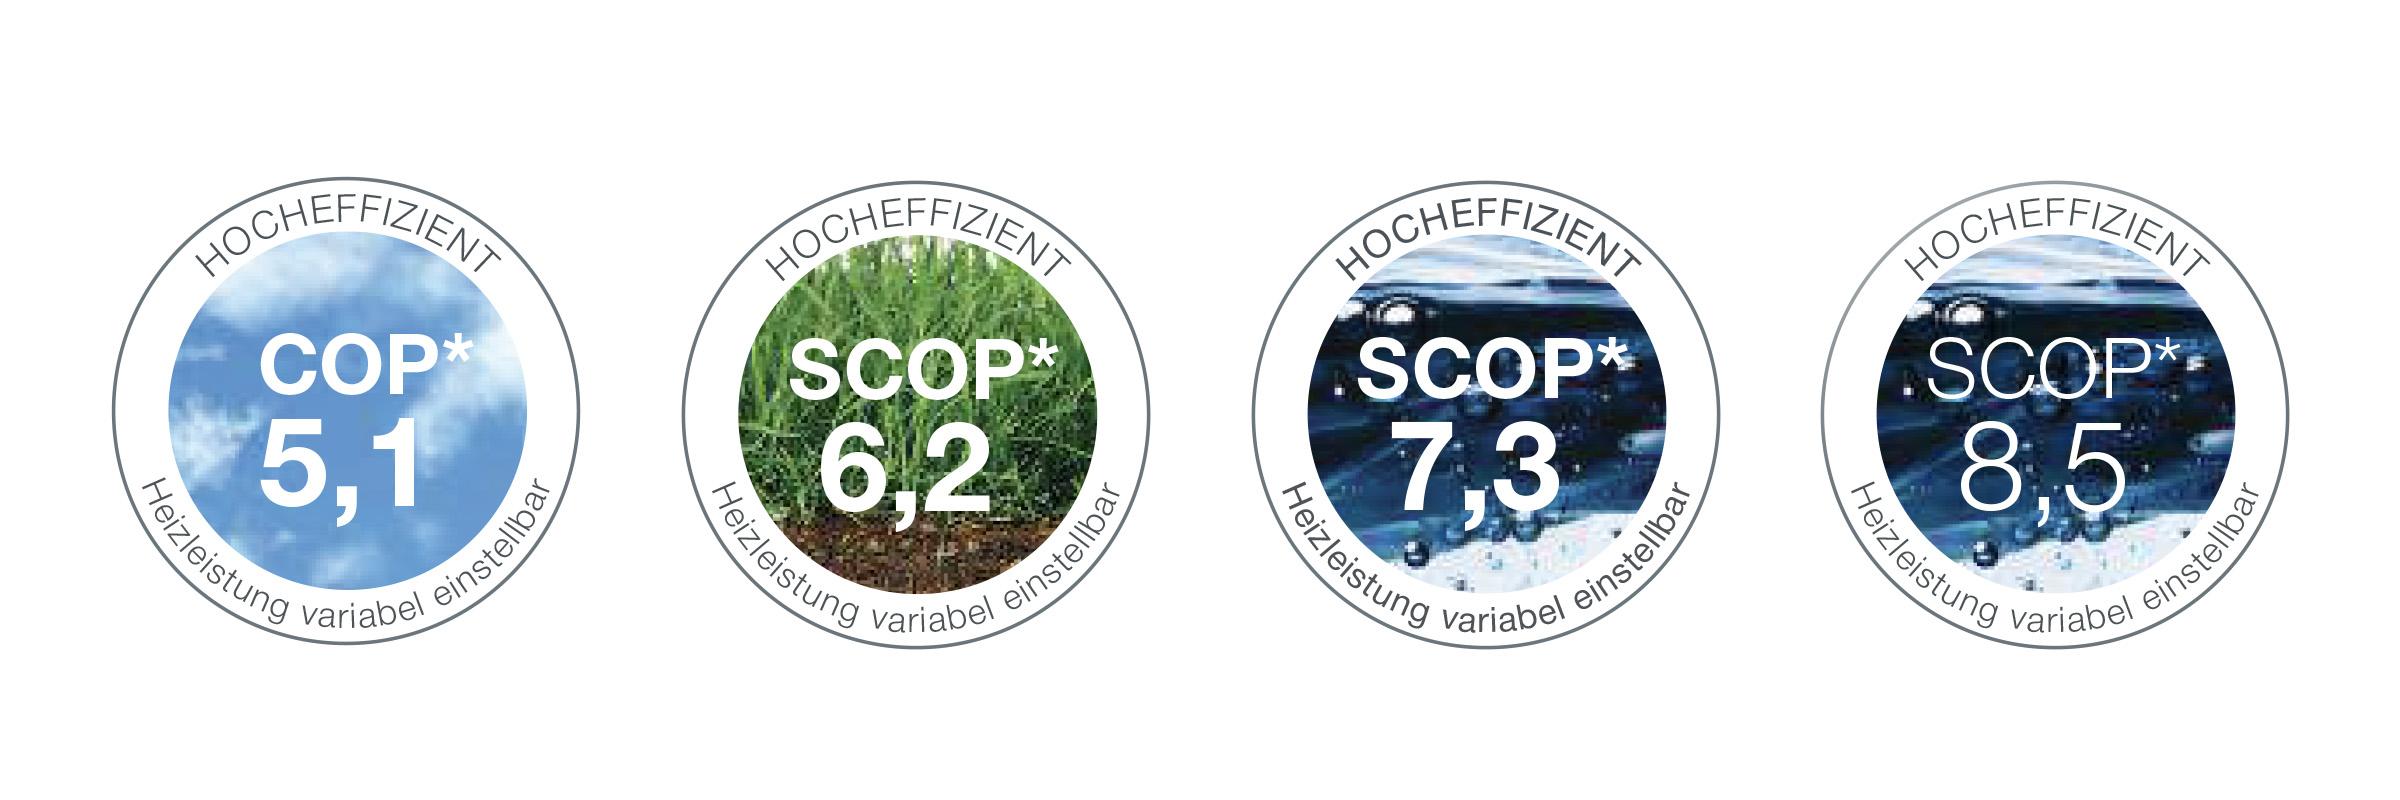 Реальные показатели COP и SCOP тепловых насосов Heliotherm (производство Австрии)